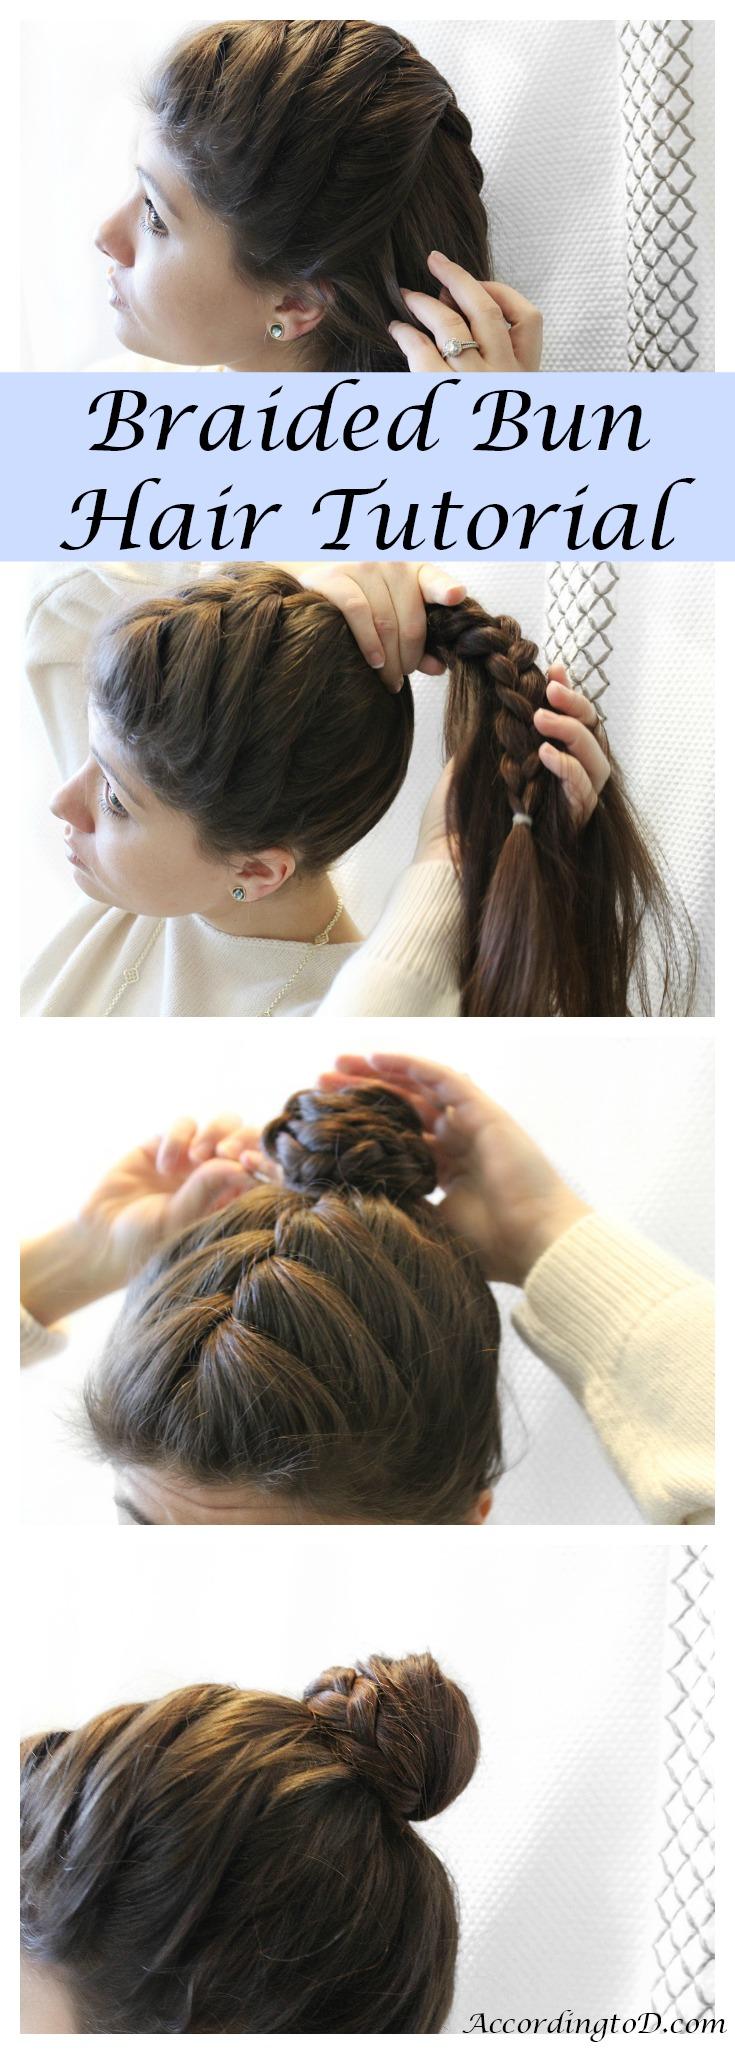 Braided-bun-hair-tutorial-pinterest.jpg